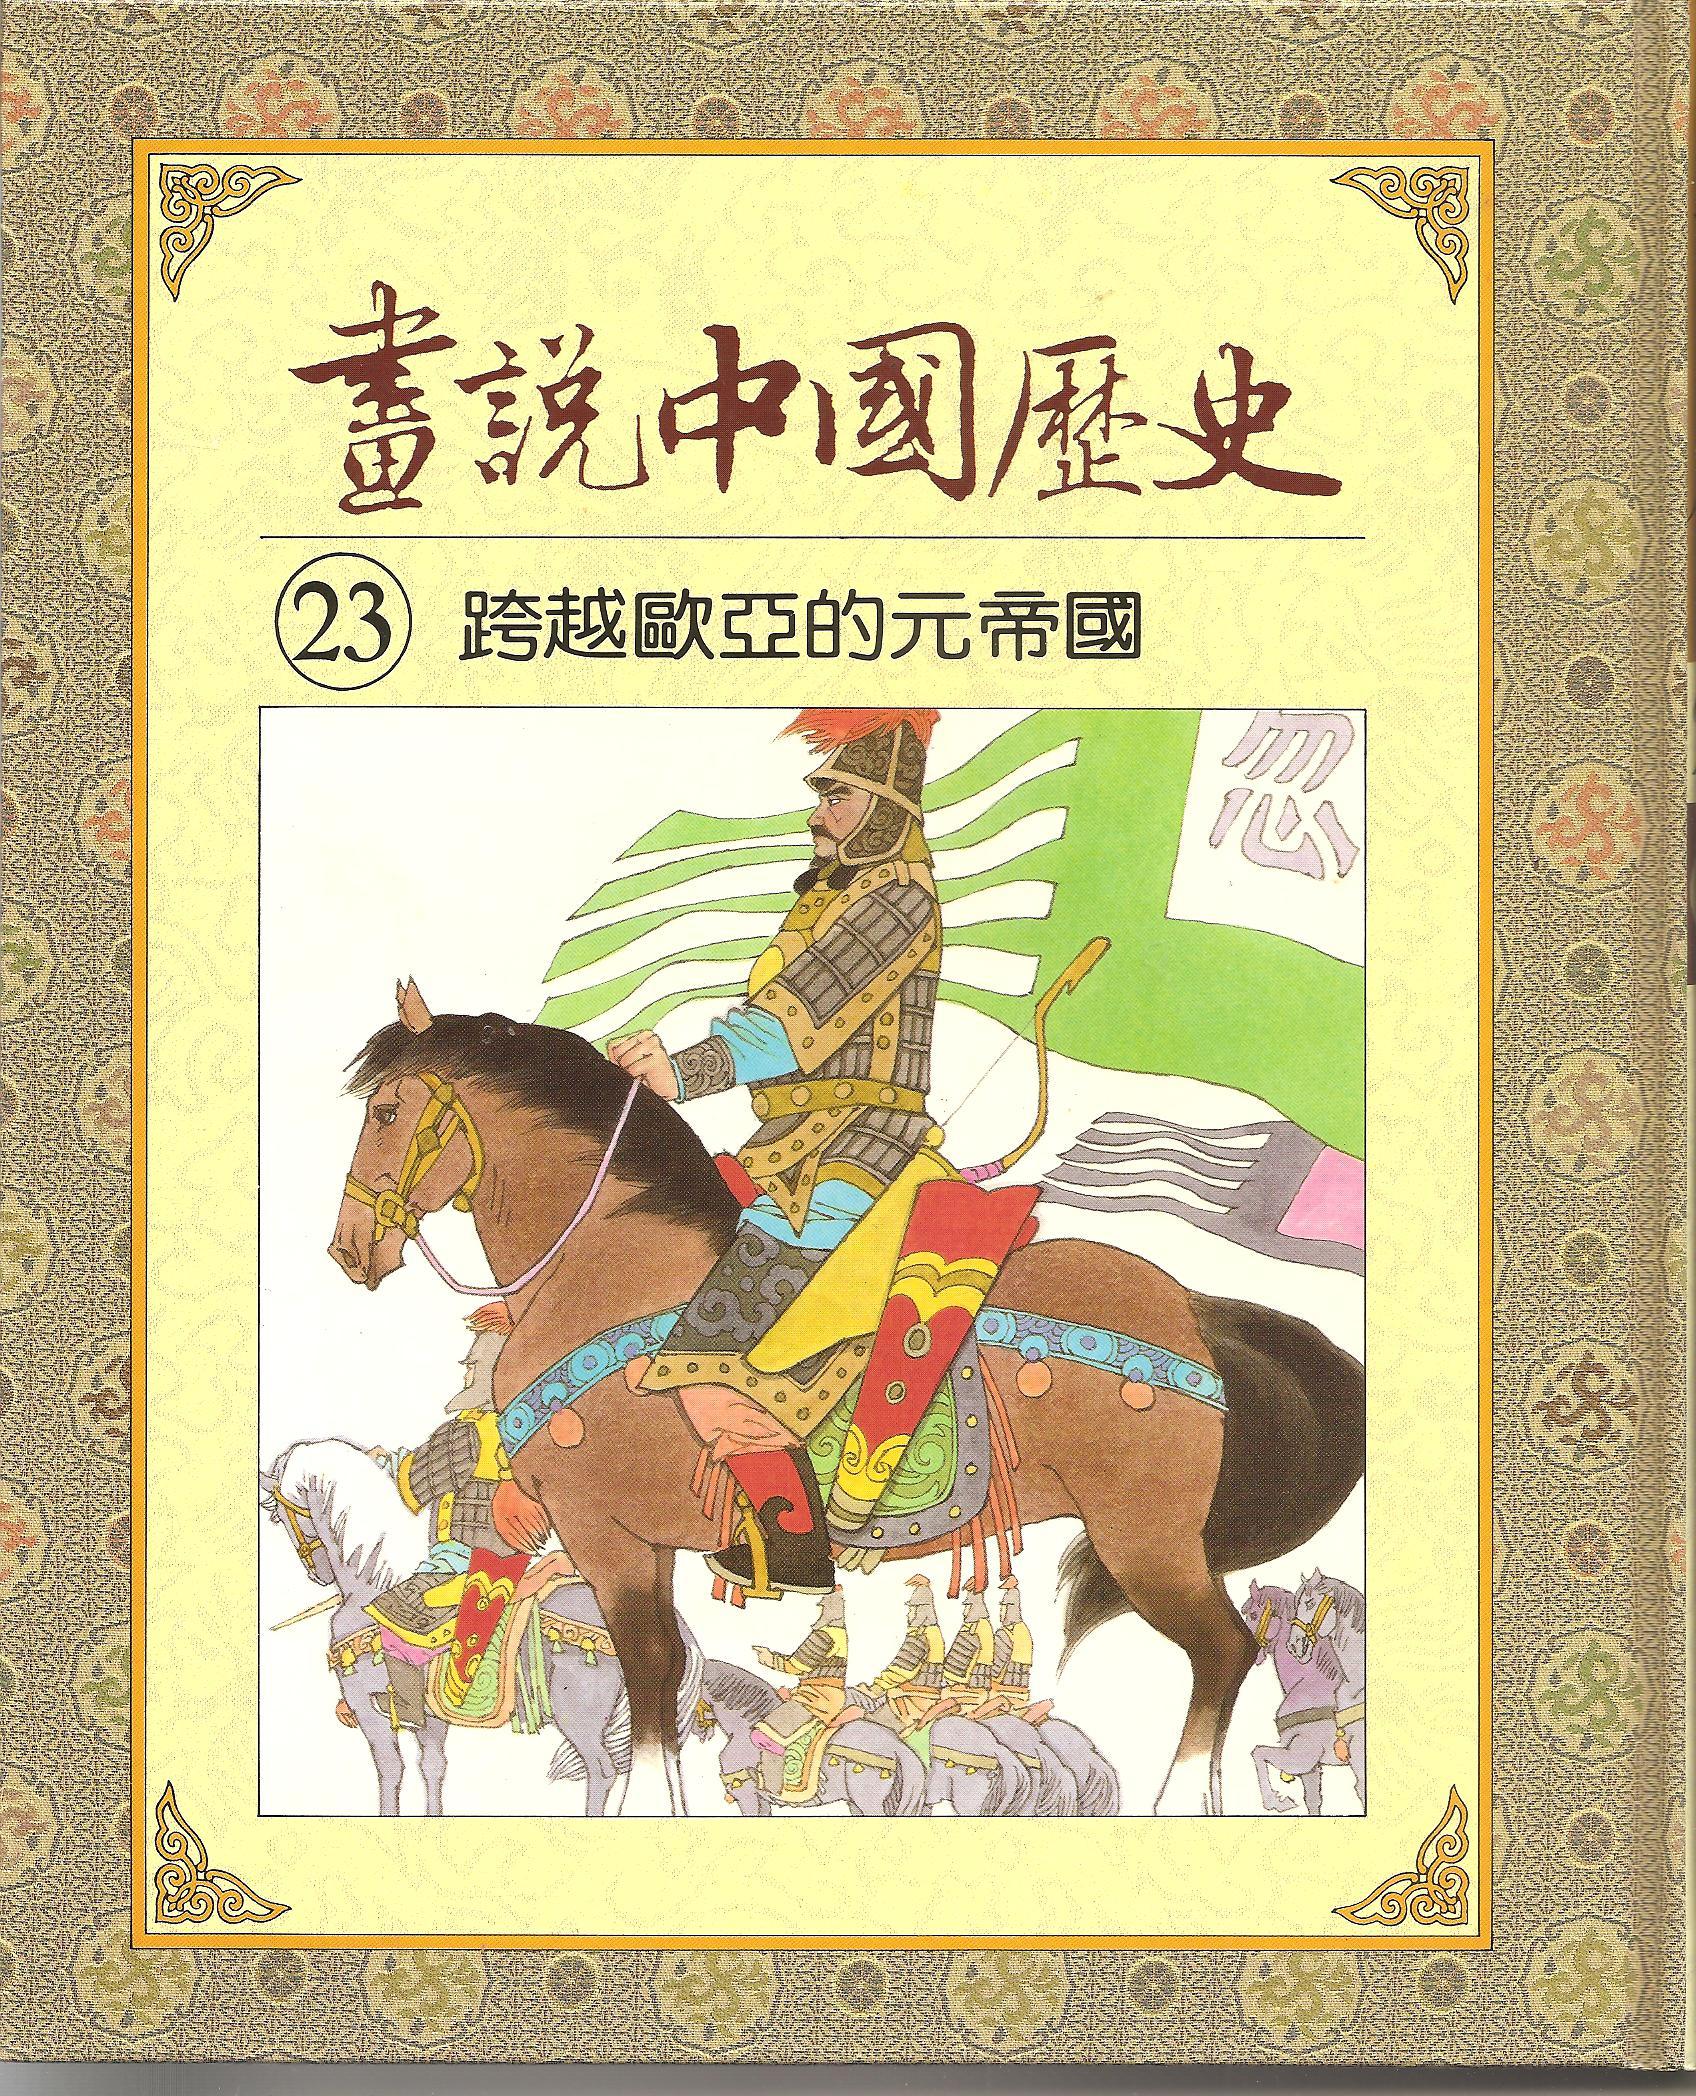 畫說中國歷史23: 跨越歐亞的元帝國